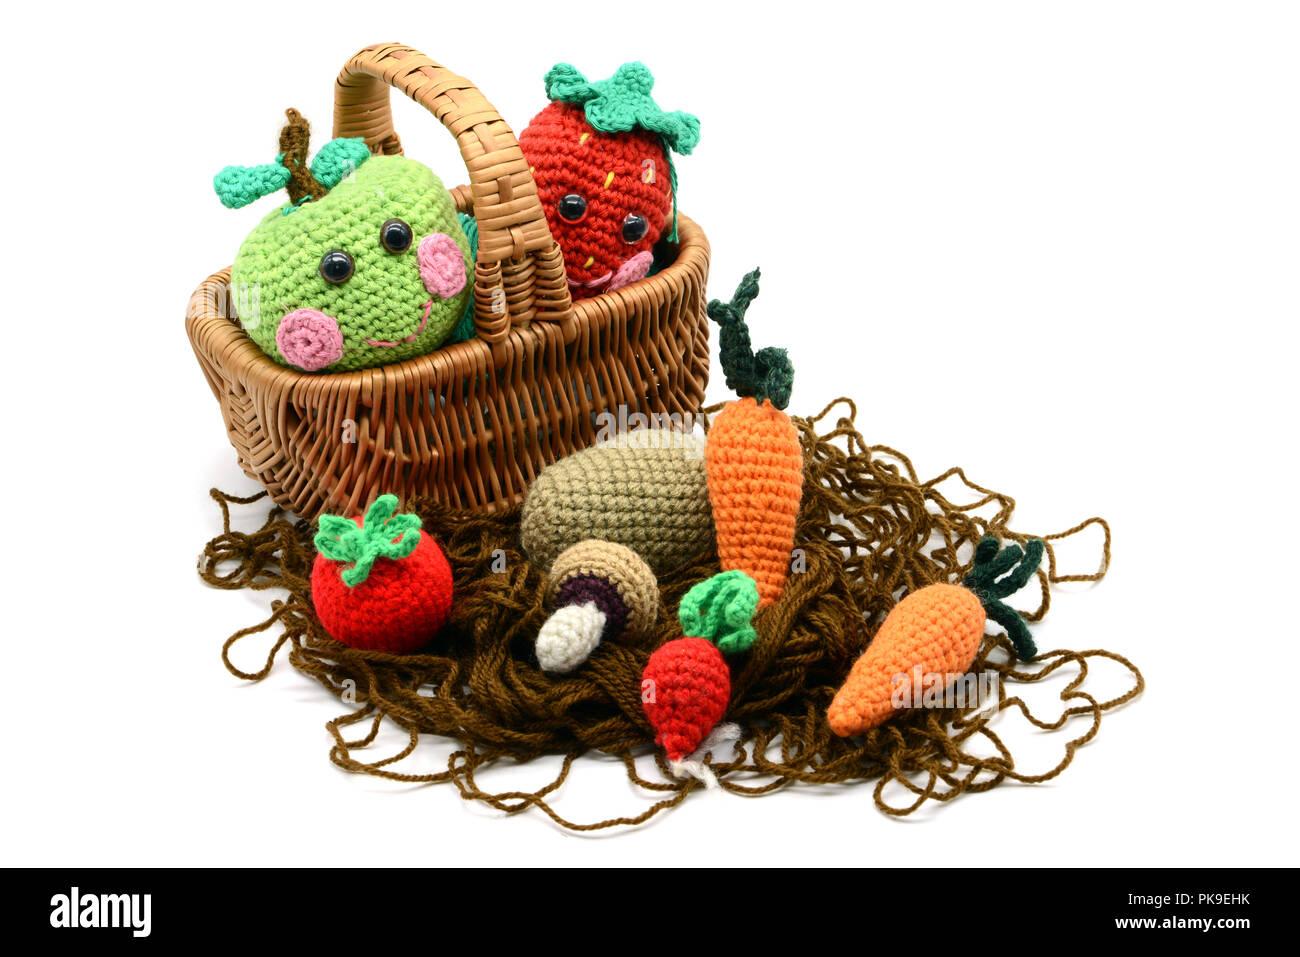 Häkeln Sie Obst Und Gemüse In Einen Korb Wie Aple Erdbeeren